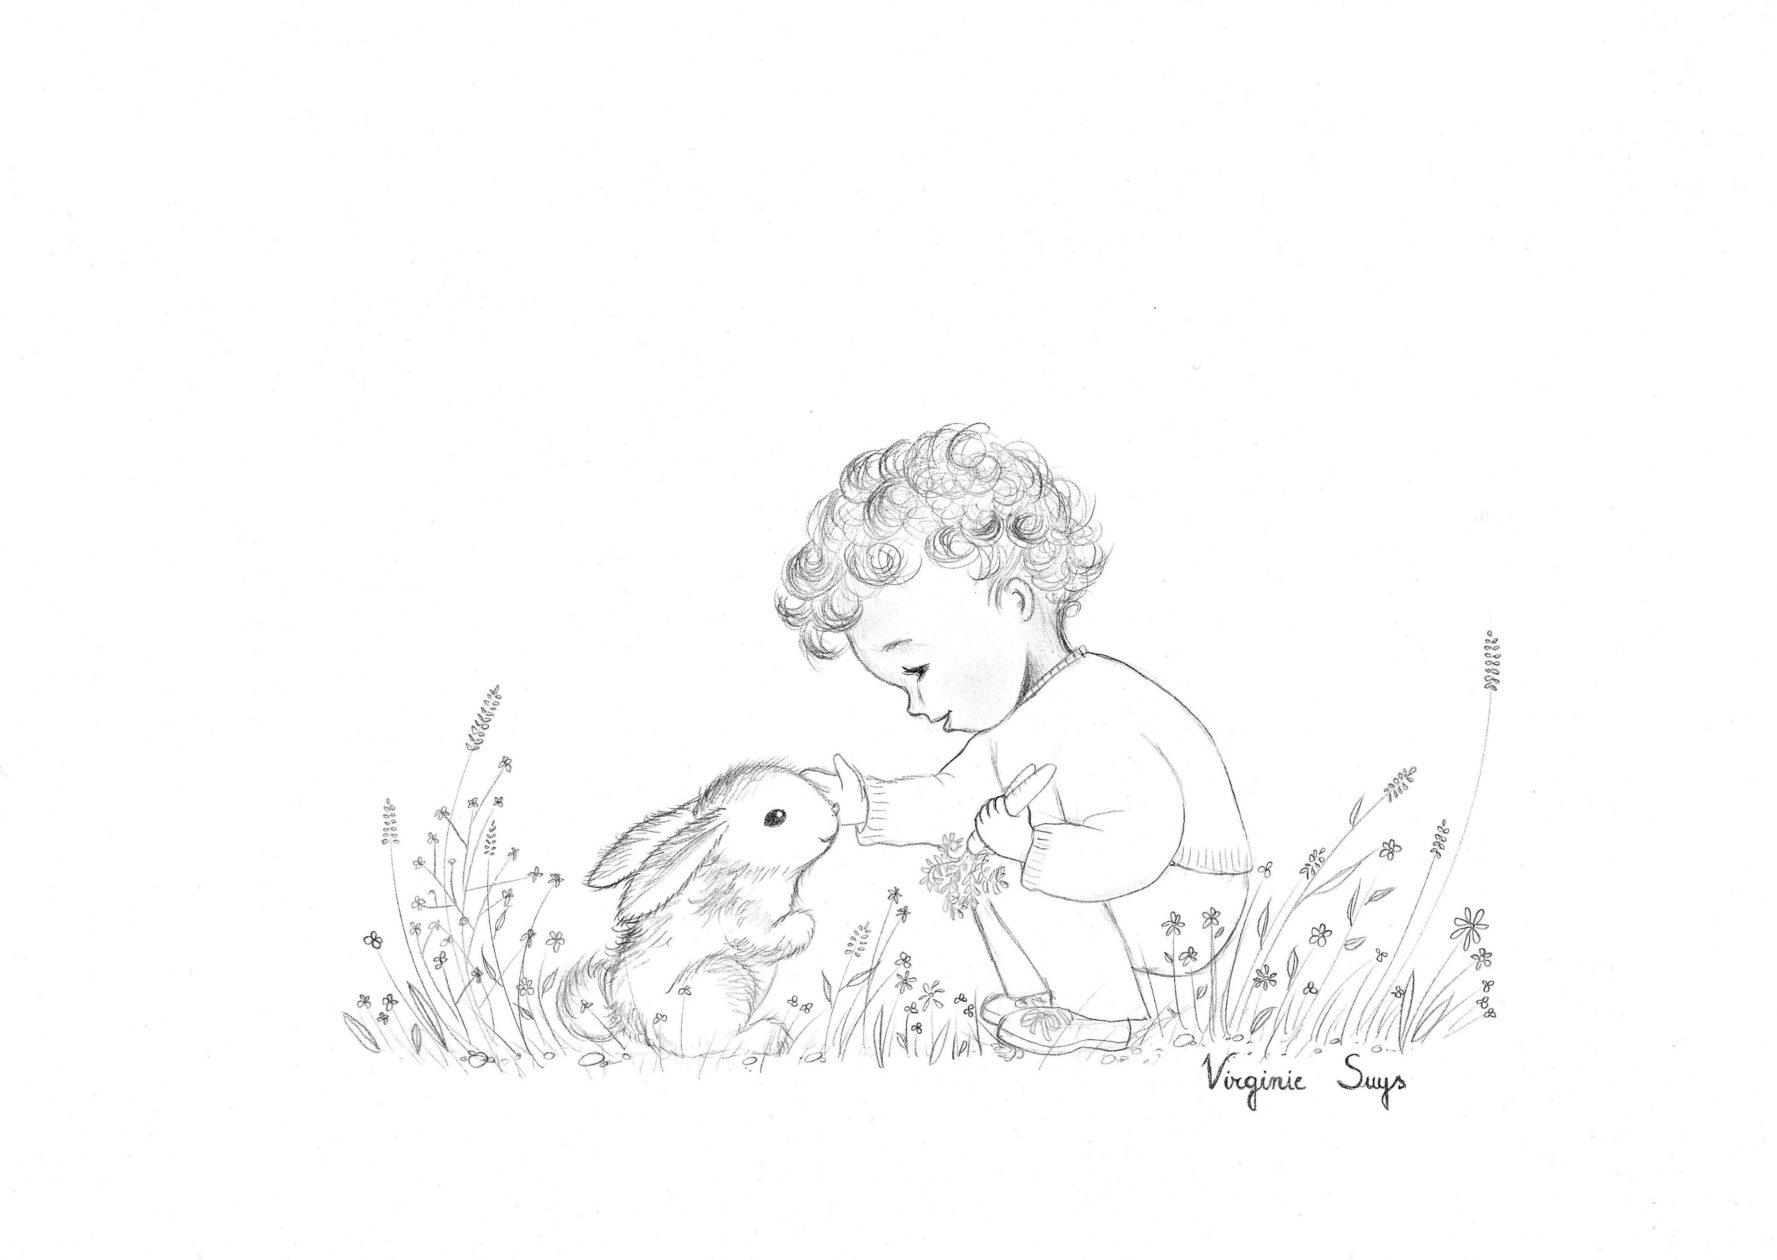 Virginie Suys Boy with rabbit in black & white illustration